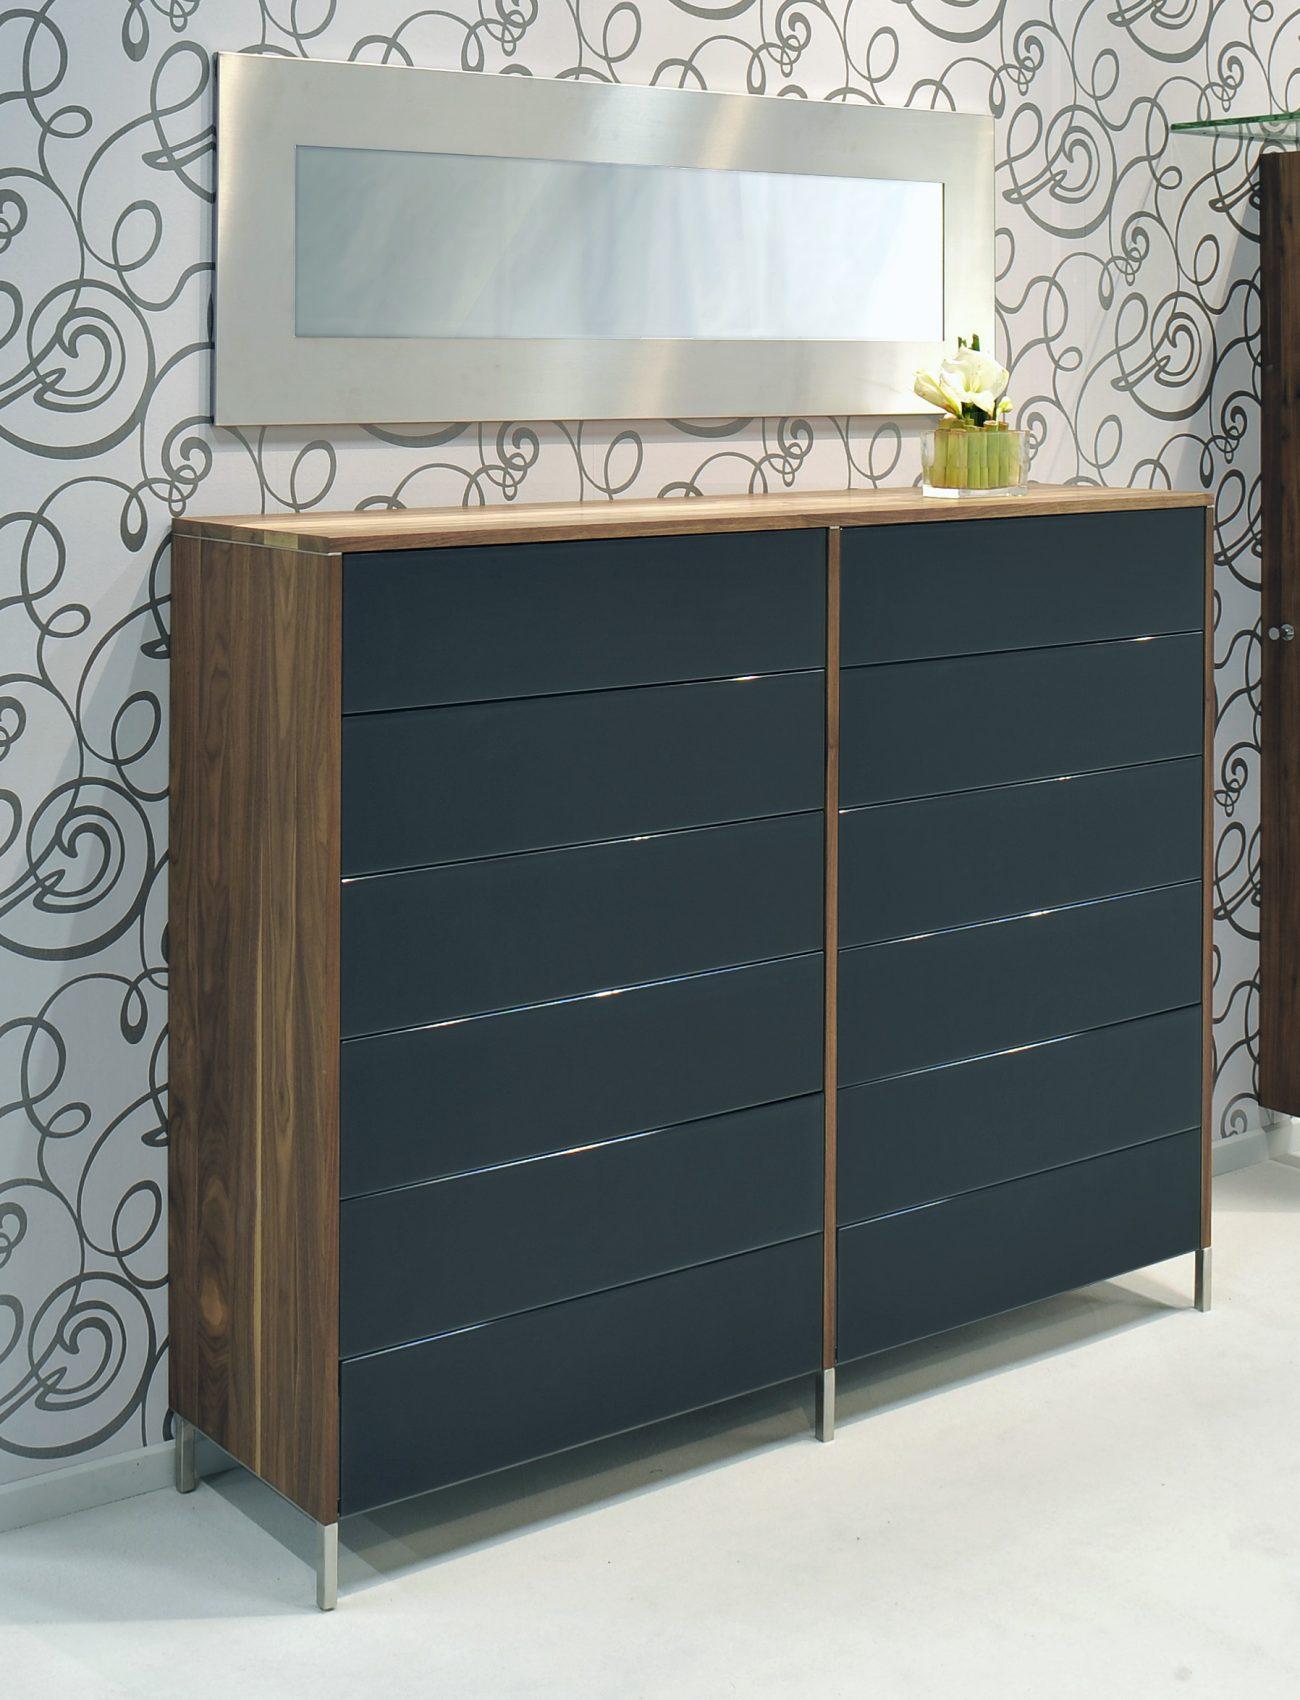 moderne kommode aus nussbaum massivholz front schwarzes. Black Bedroom Furniture Sets. Home Design Ideas